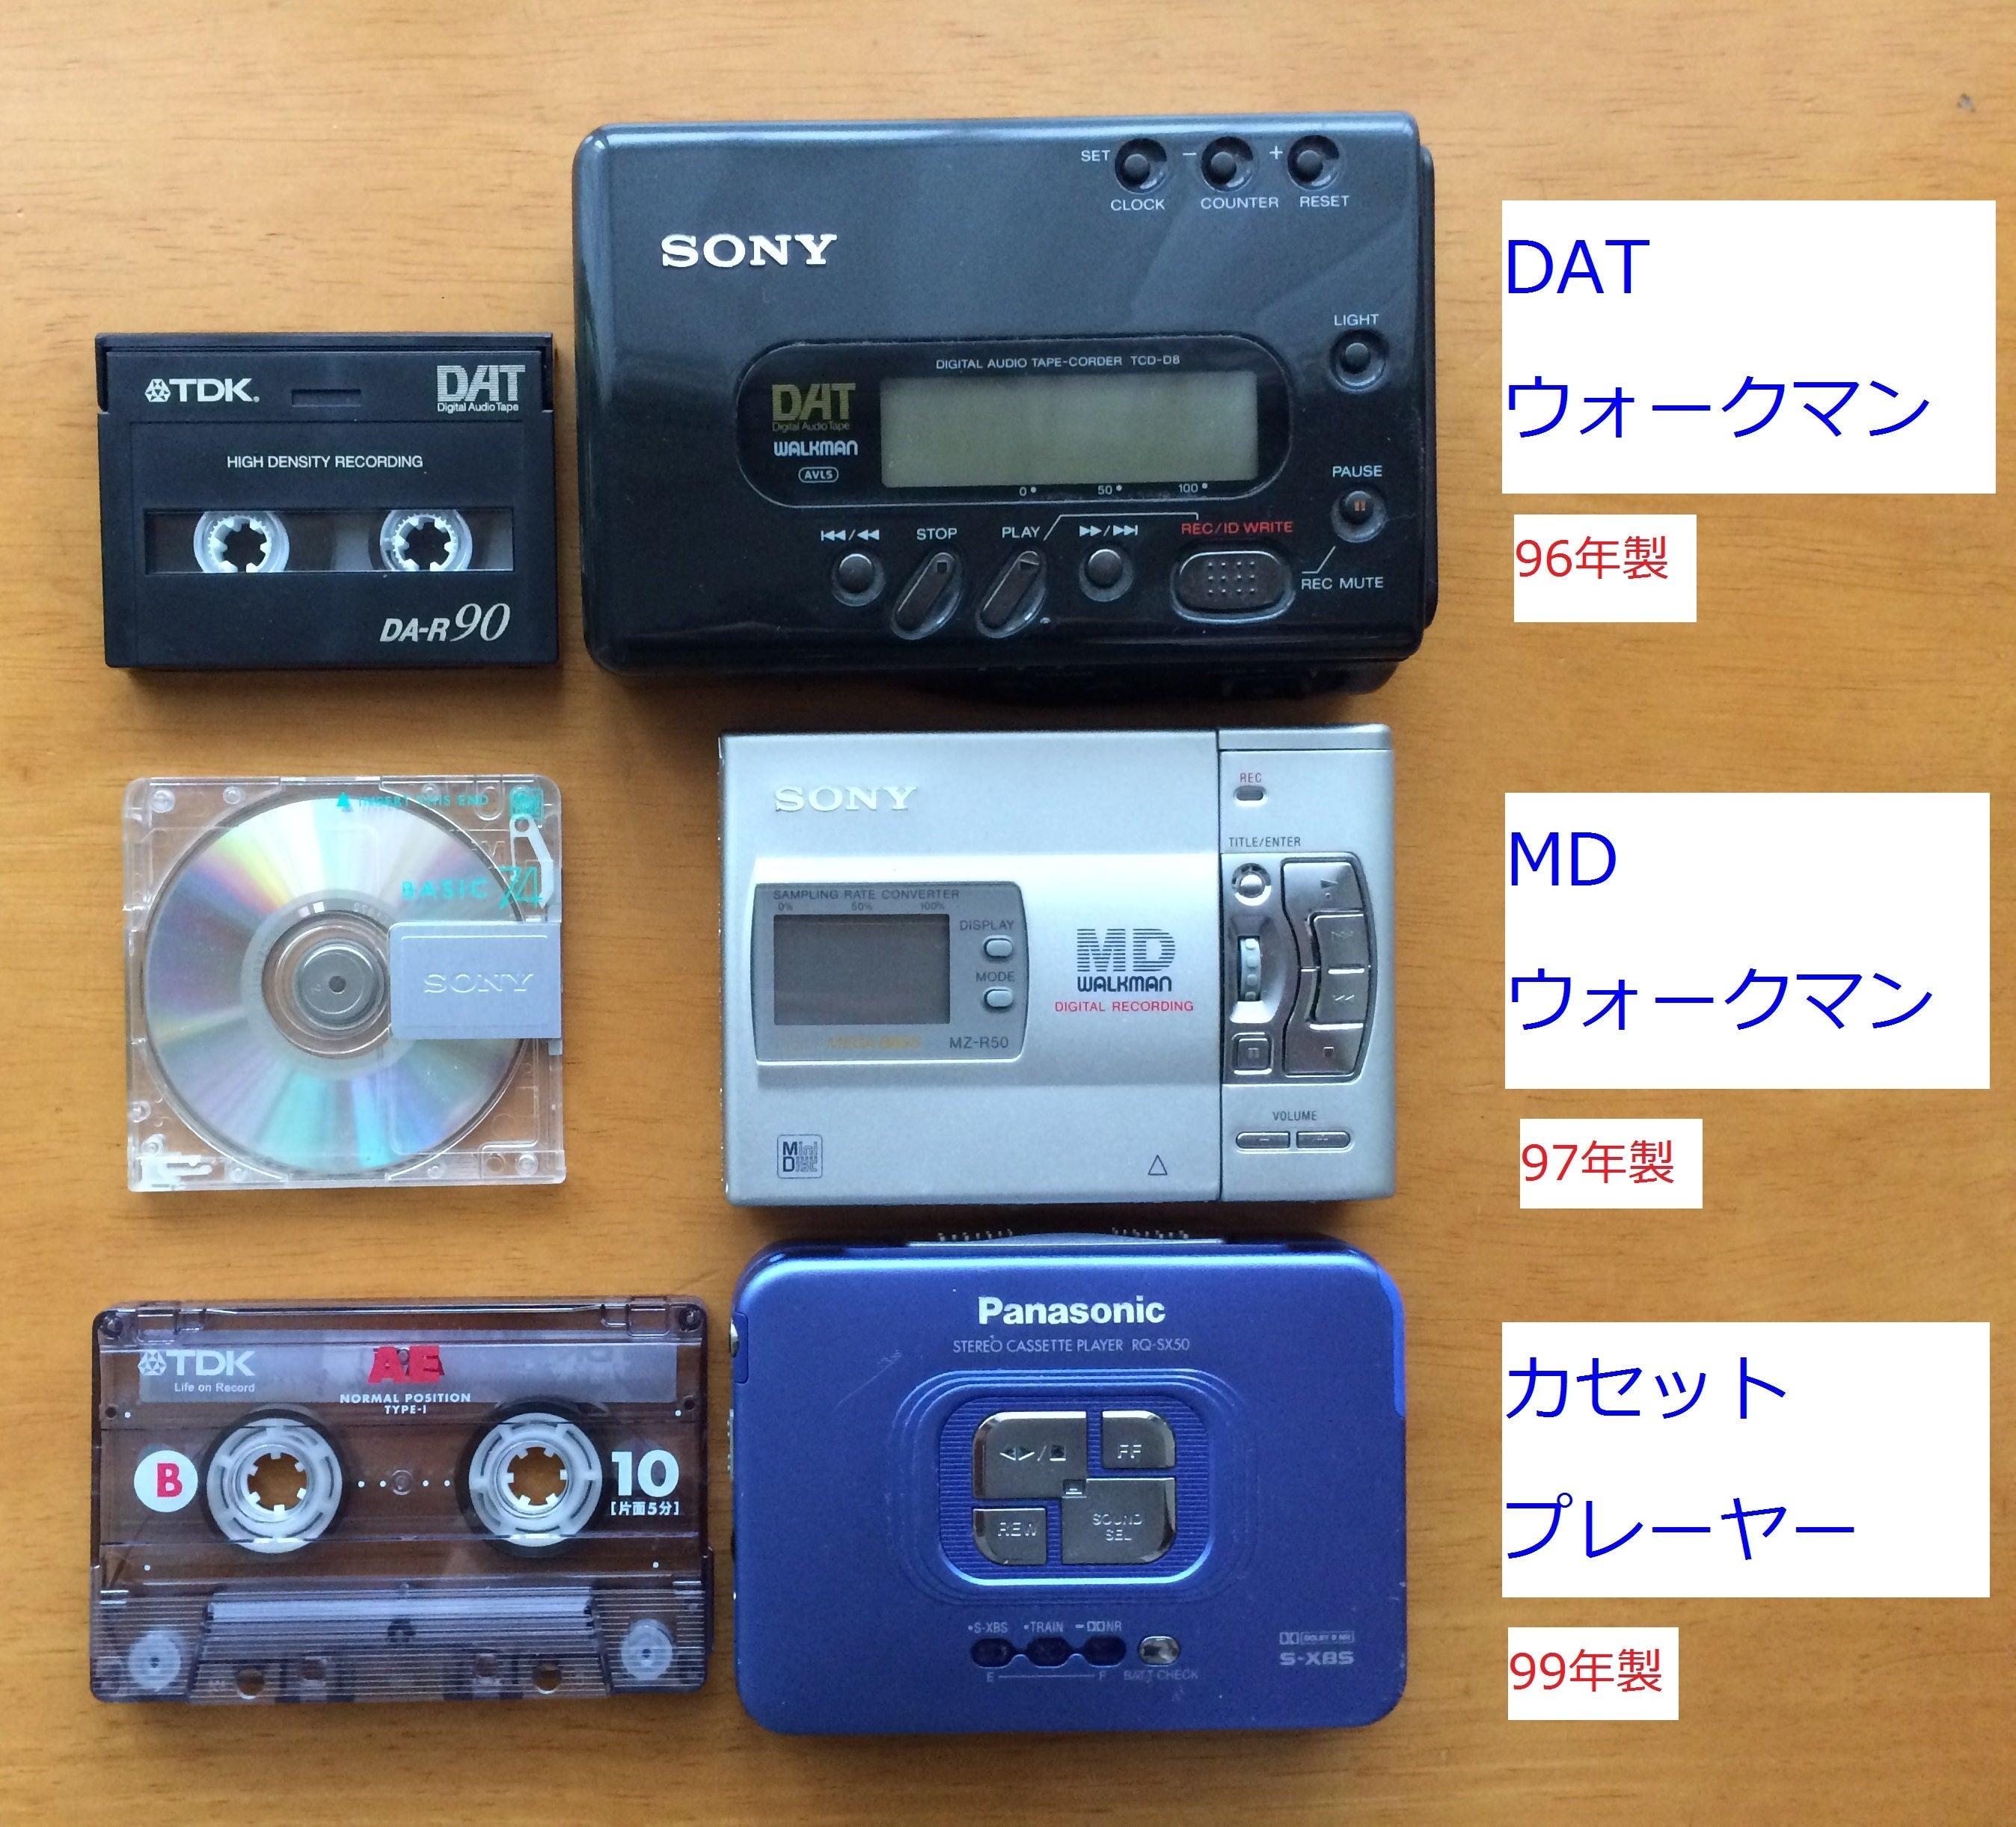 カセットテープ、DAT、MDウォークマン今でも現役で活用しています ...